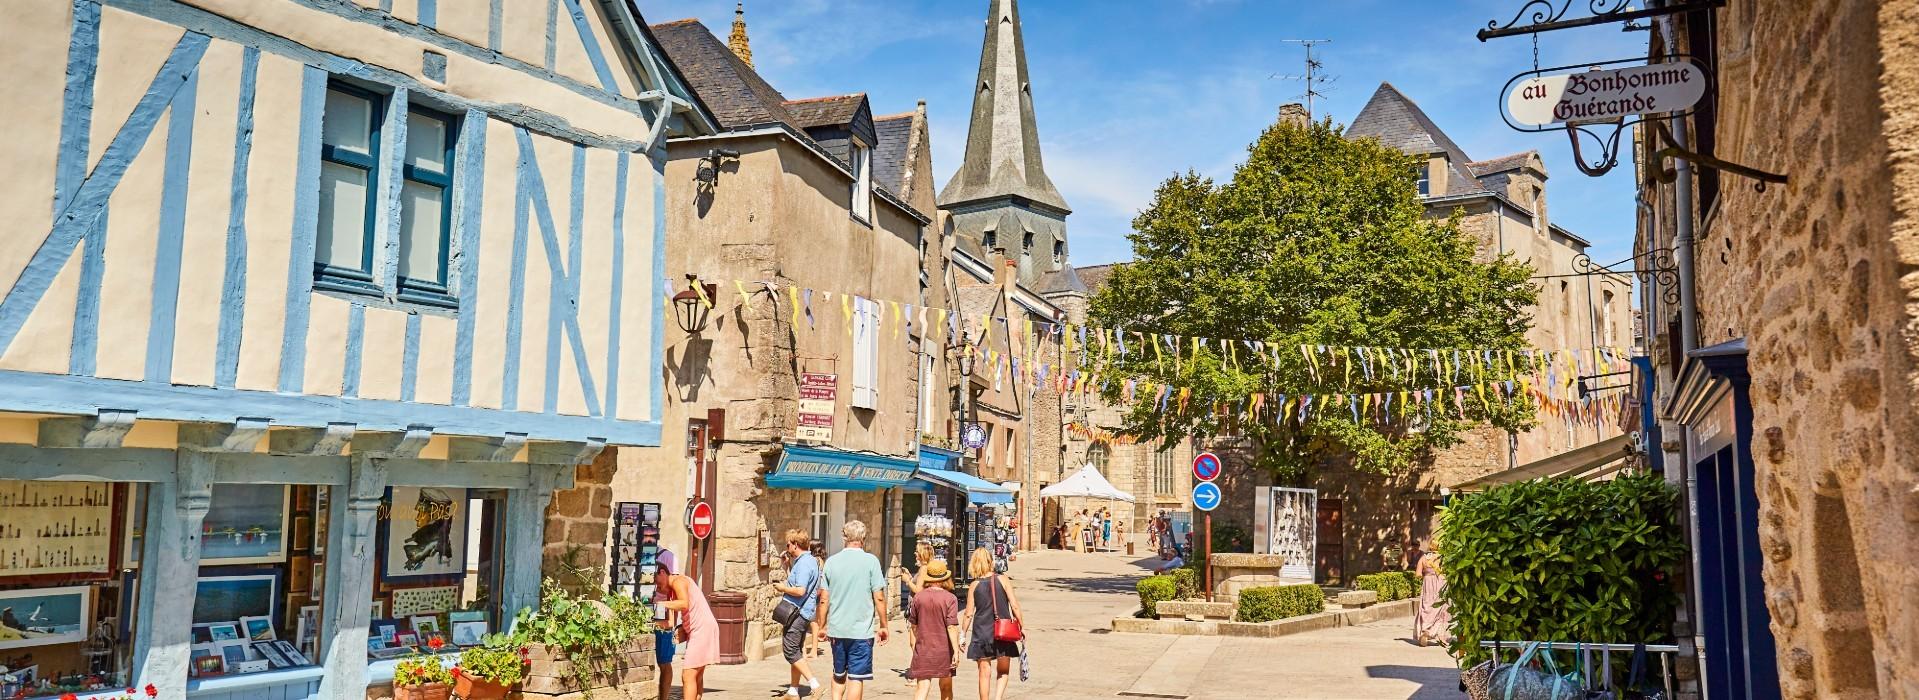 Intra-muros de la cité médiévale de Guérande - Alexandre Lamoureux